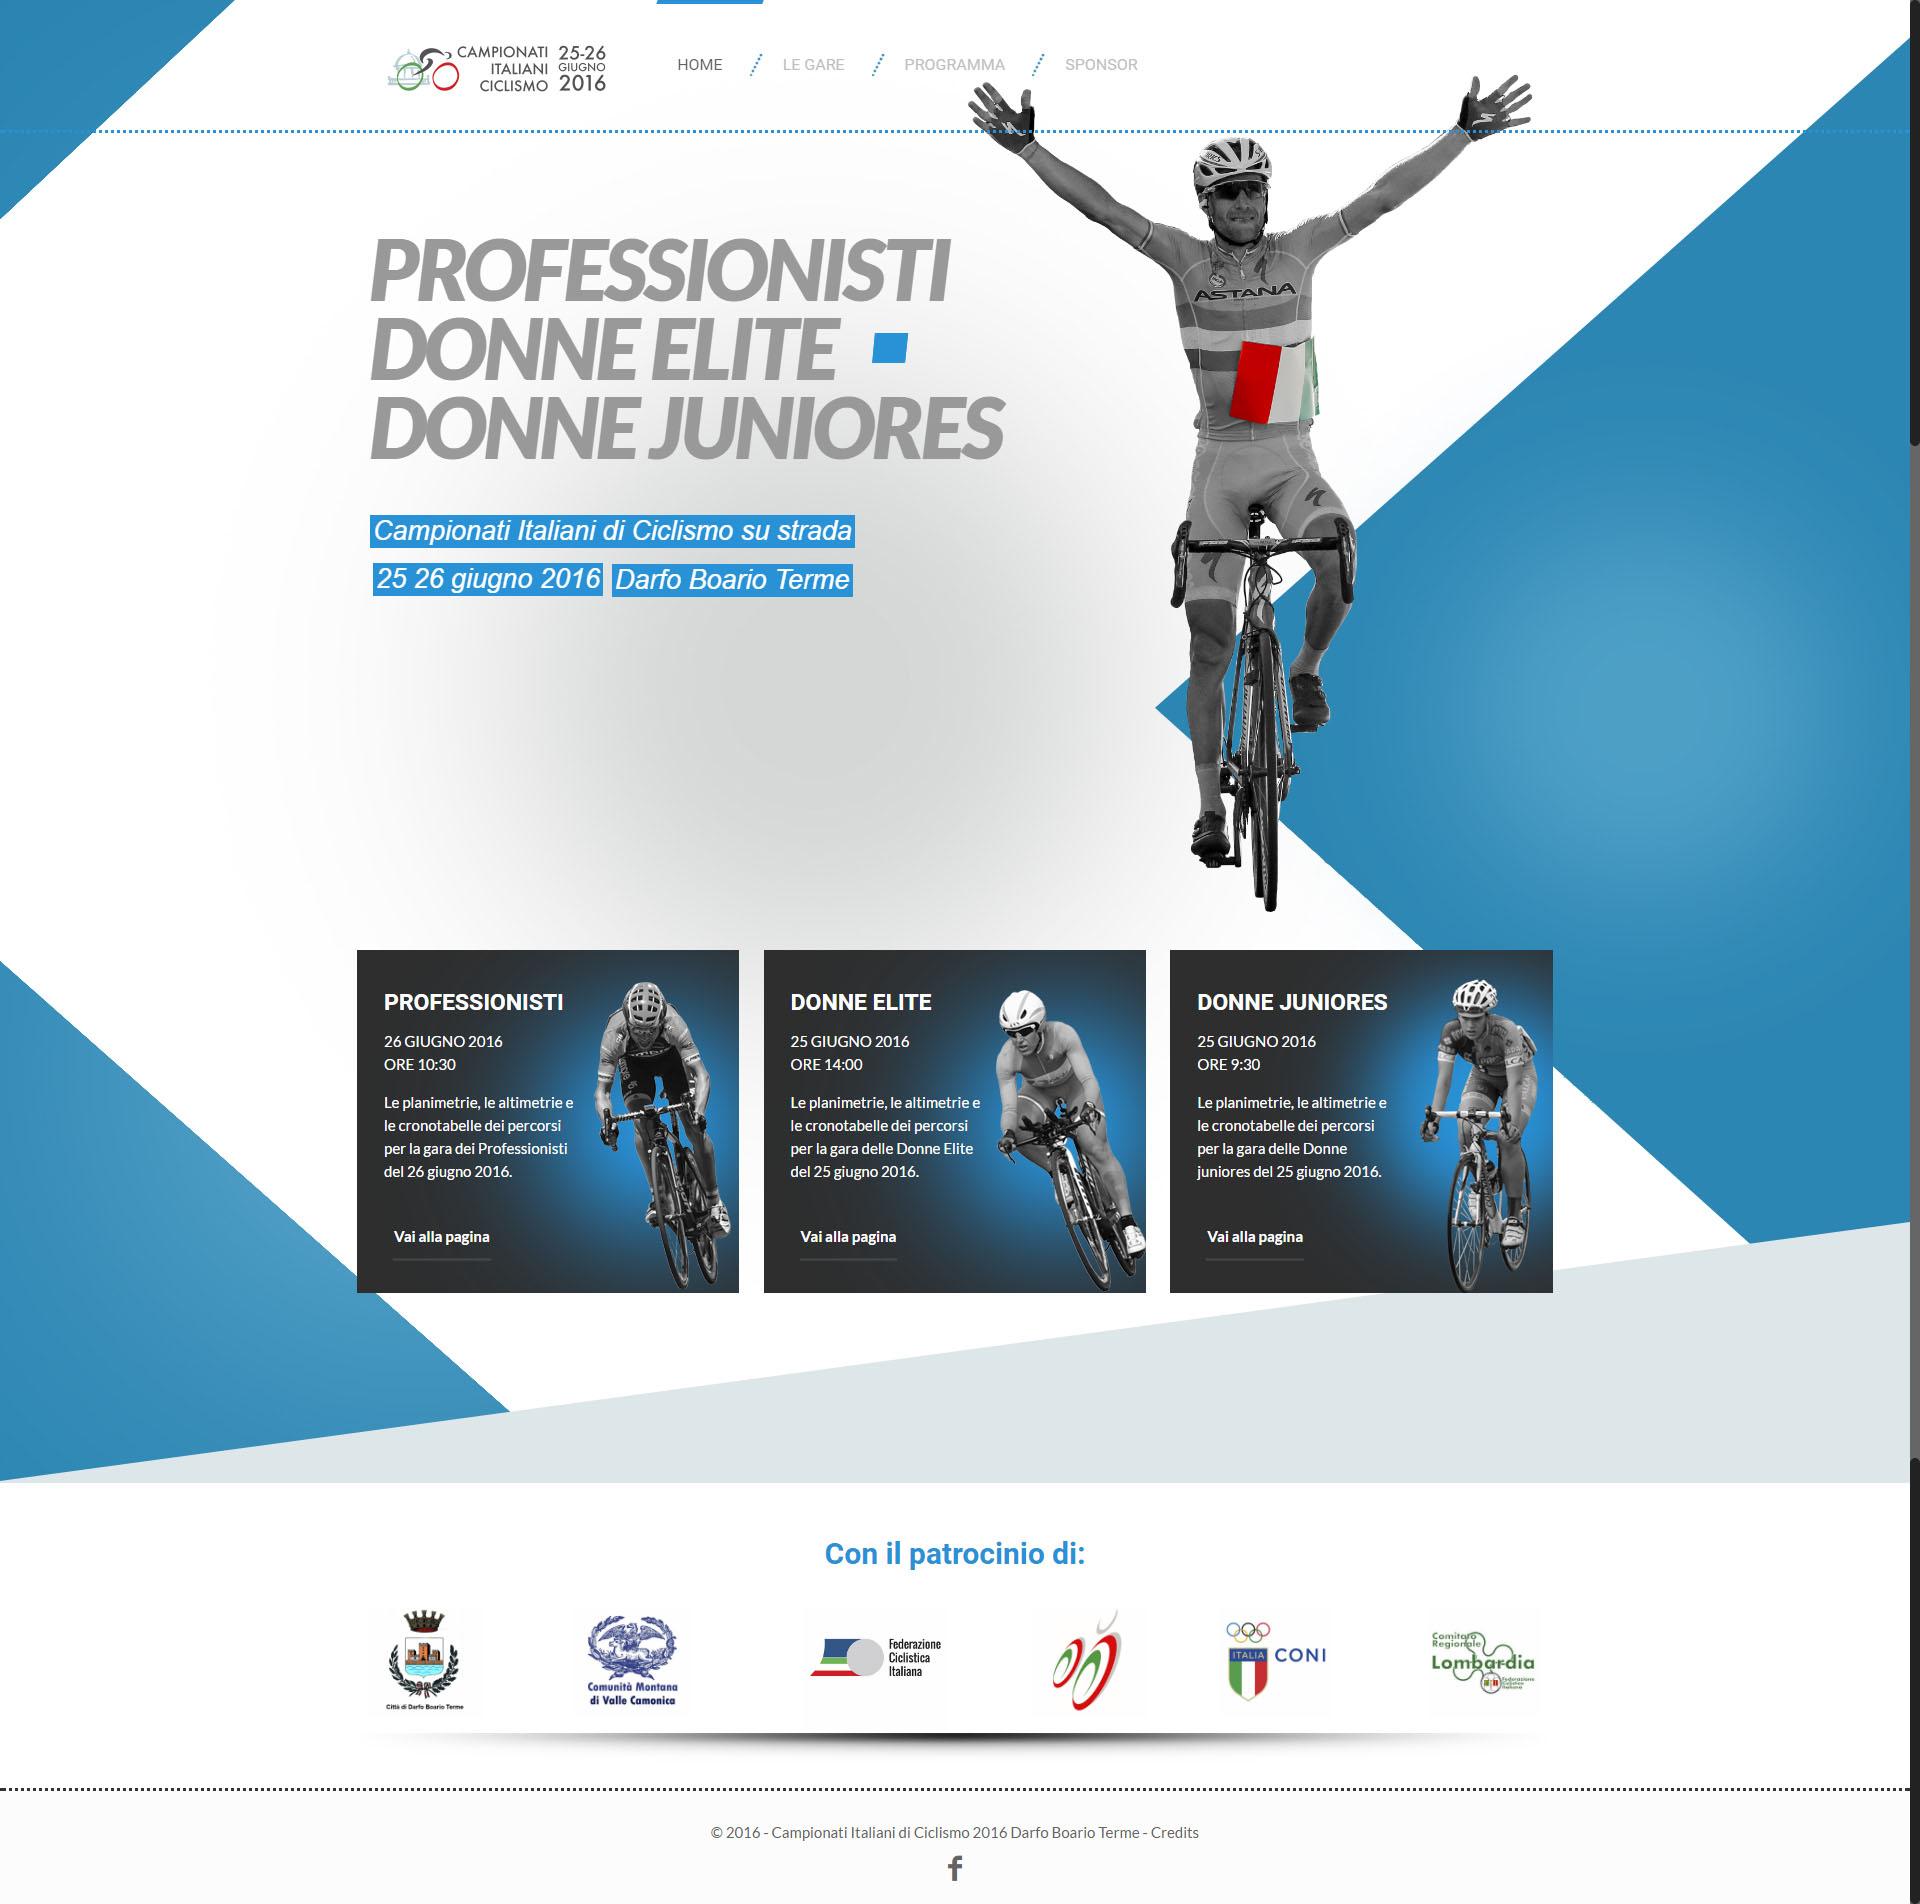 campionati-ciclismo-siti-web-grafica-seo-eventi-social-network-valle-camonica-contessi-fostinelli